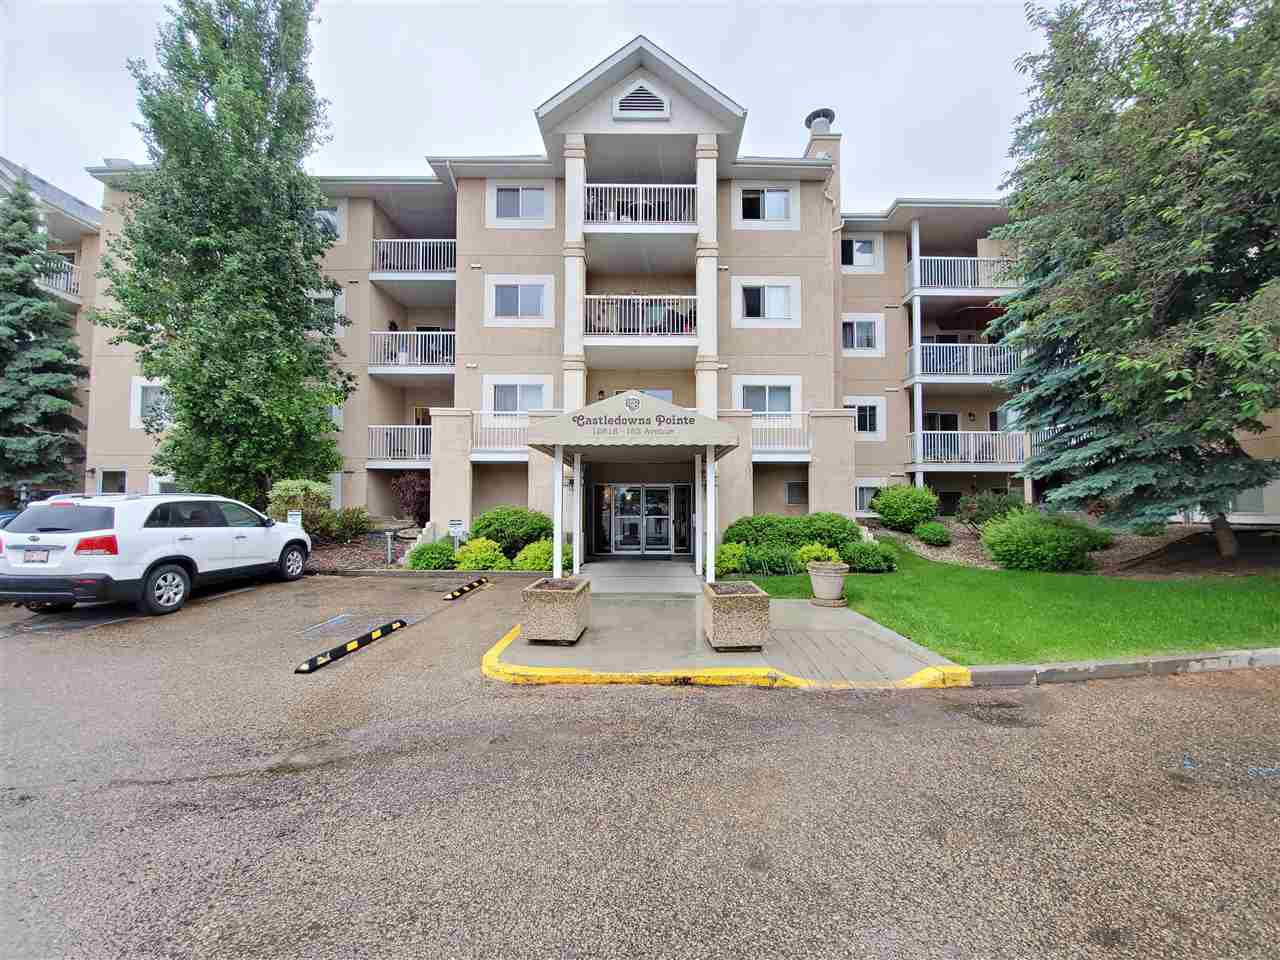 Main Photo: 206 12618 152 Avenue in Edmonton: Zone 27 Condo for sale : MLS®# E4202446